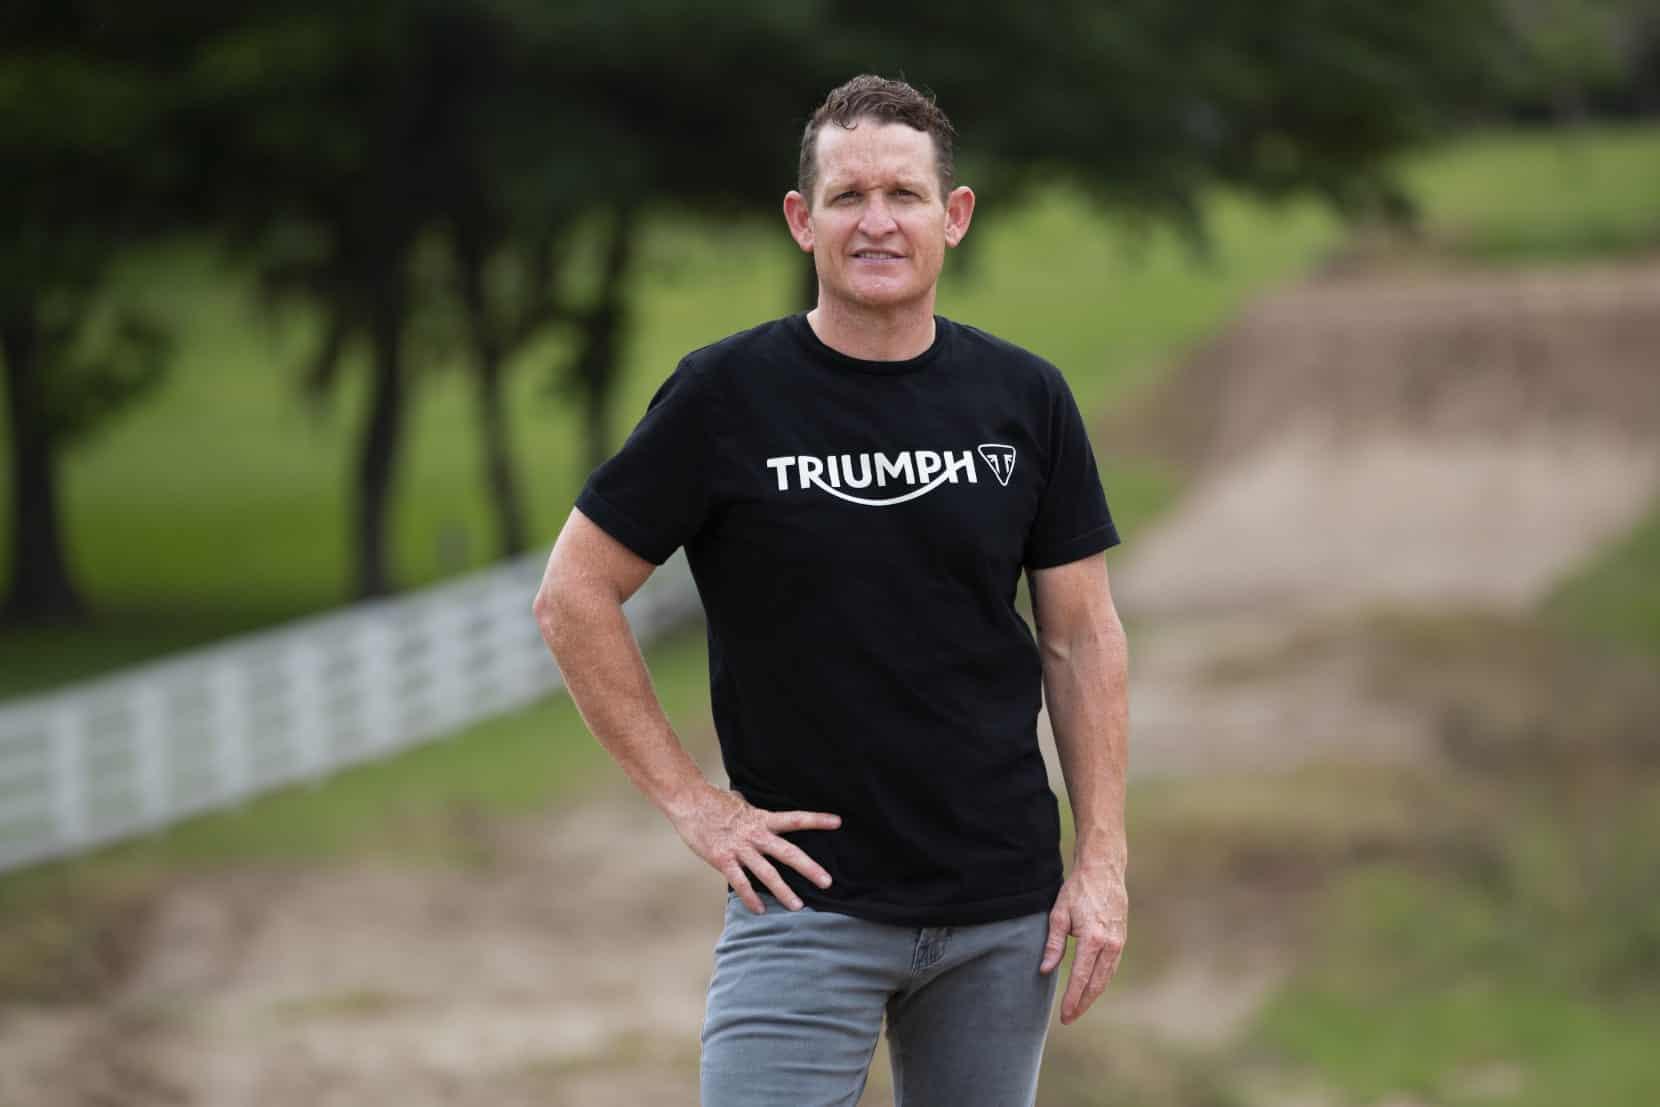 TRIUMPH kündigt den Einstieg in den Motocross- und Enduro-Rennsport an